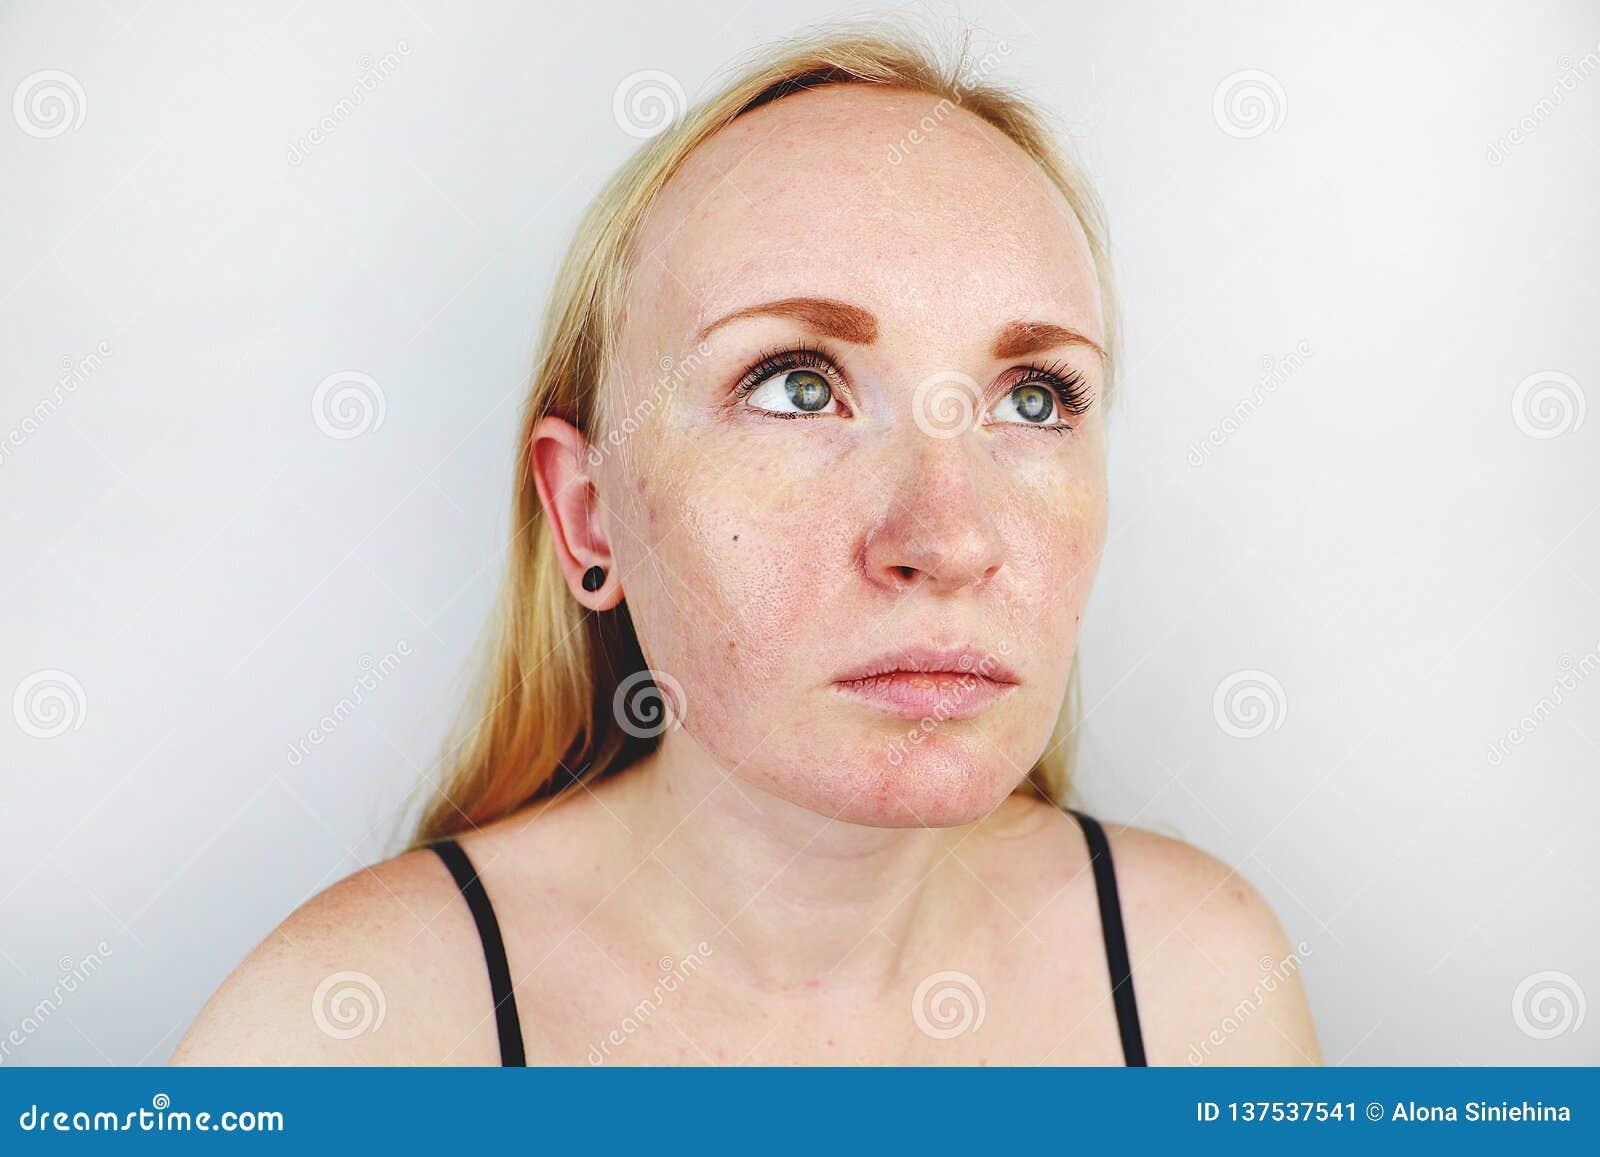 Wazeliniarska i problemowa skóra Portret blondynki dziewczyna z trądzikiem, wazeliniarską skórą i pigmentacją,